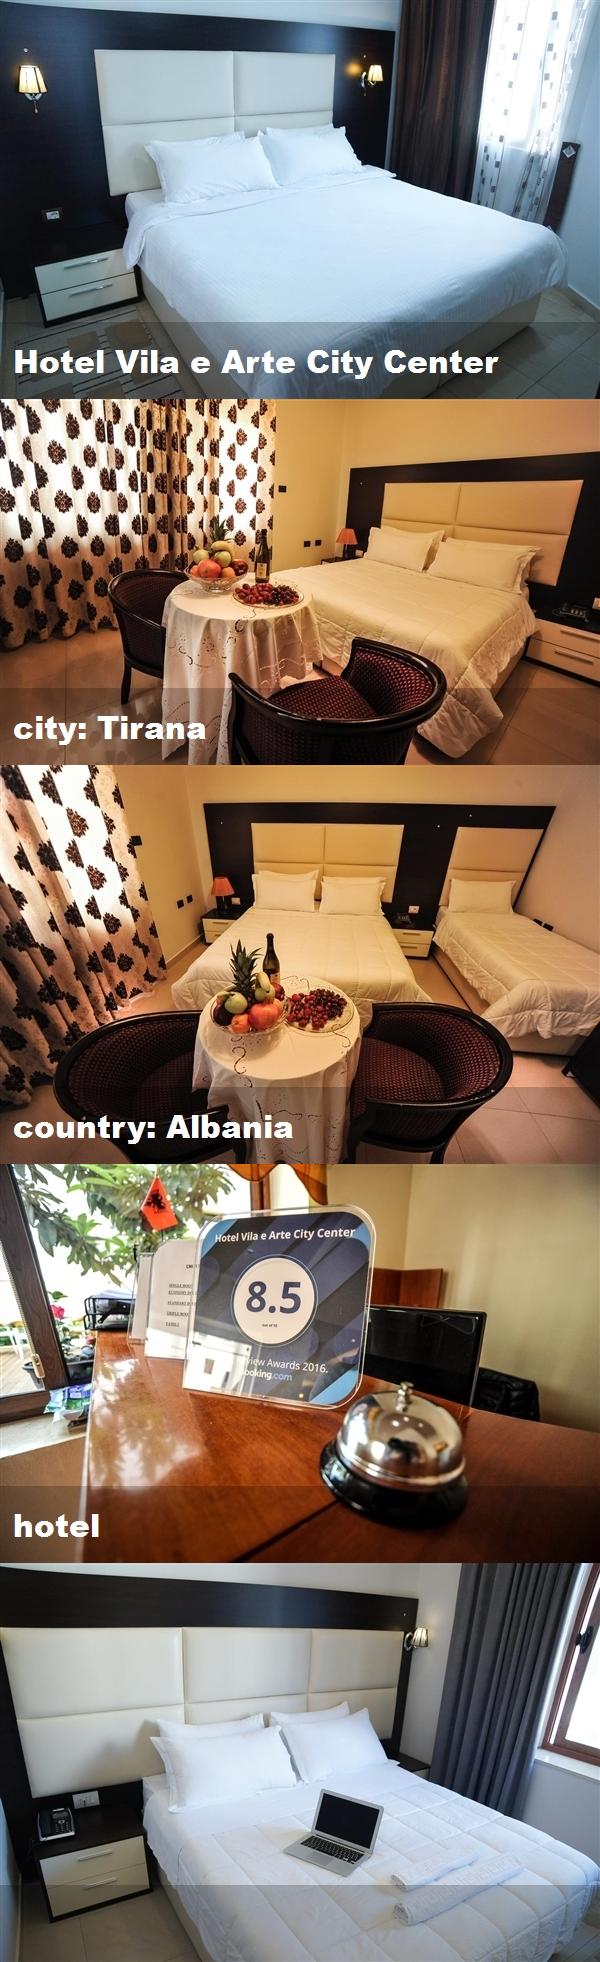 Hotel Vila E Arte City Center City Tirana Country Albania Hotel Tirana Hotel Albania